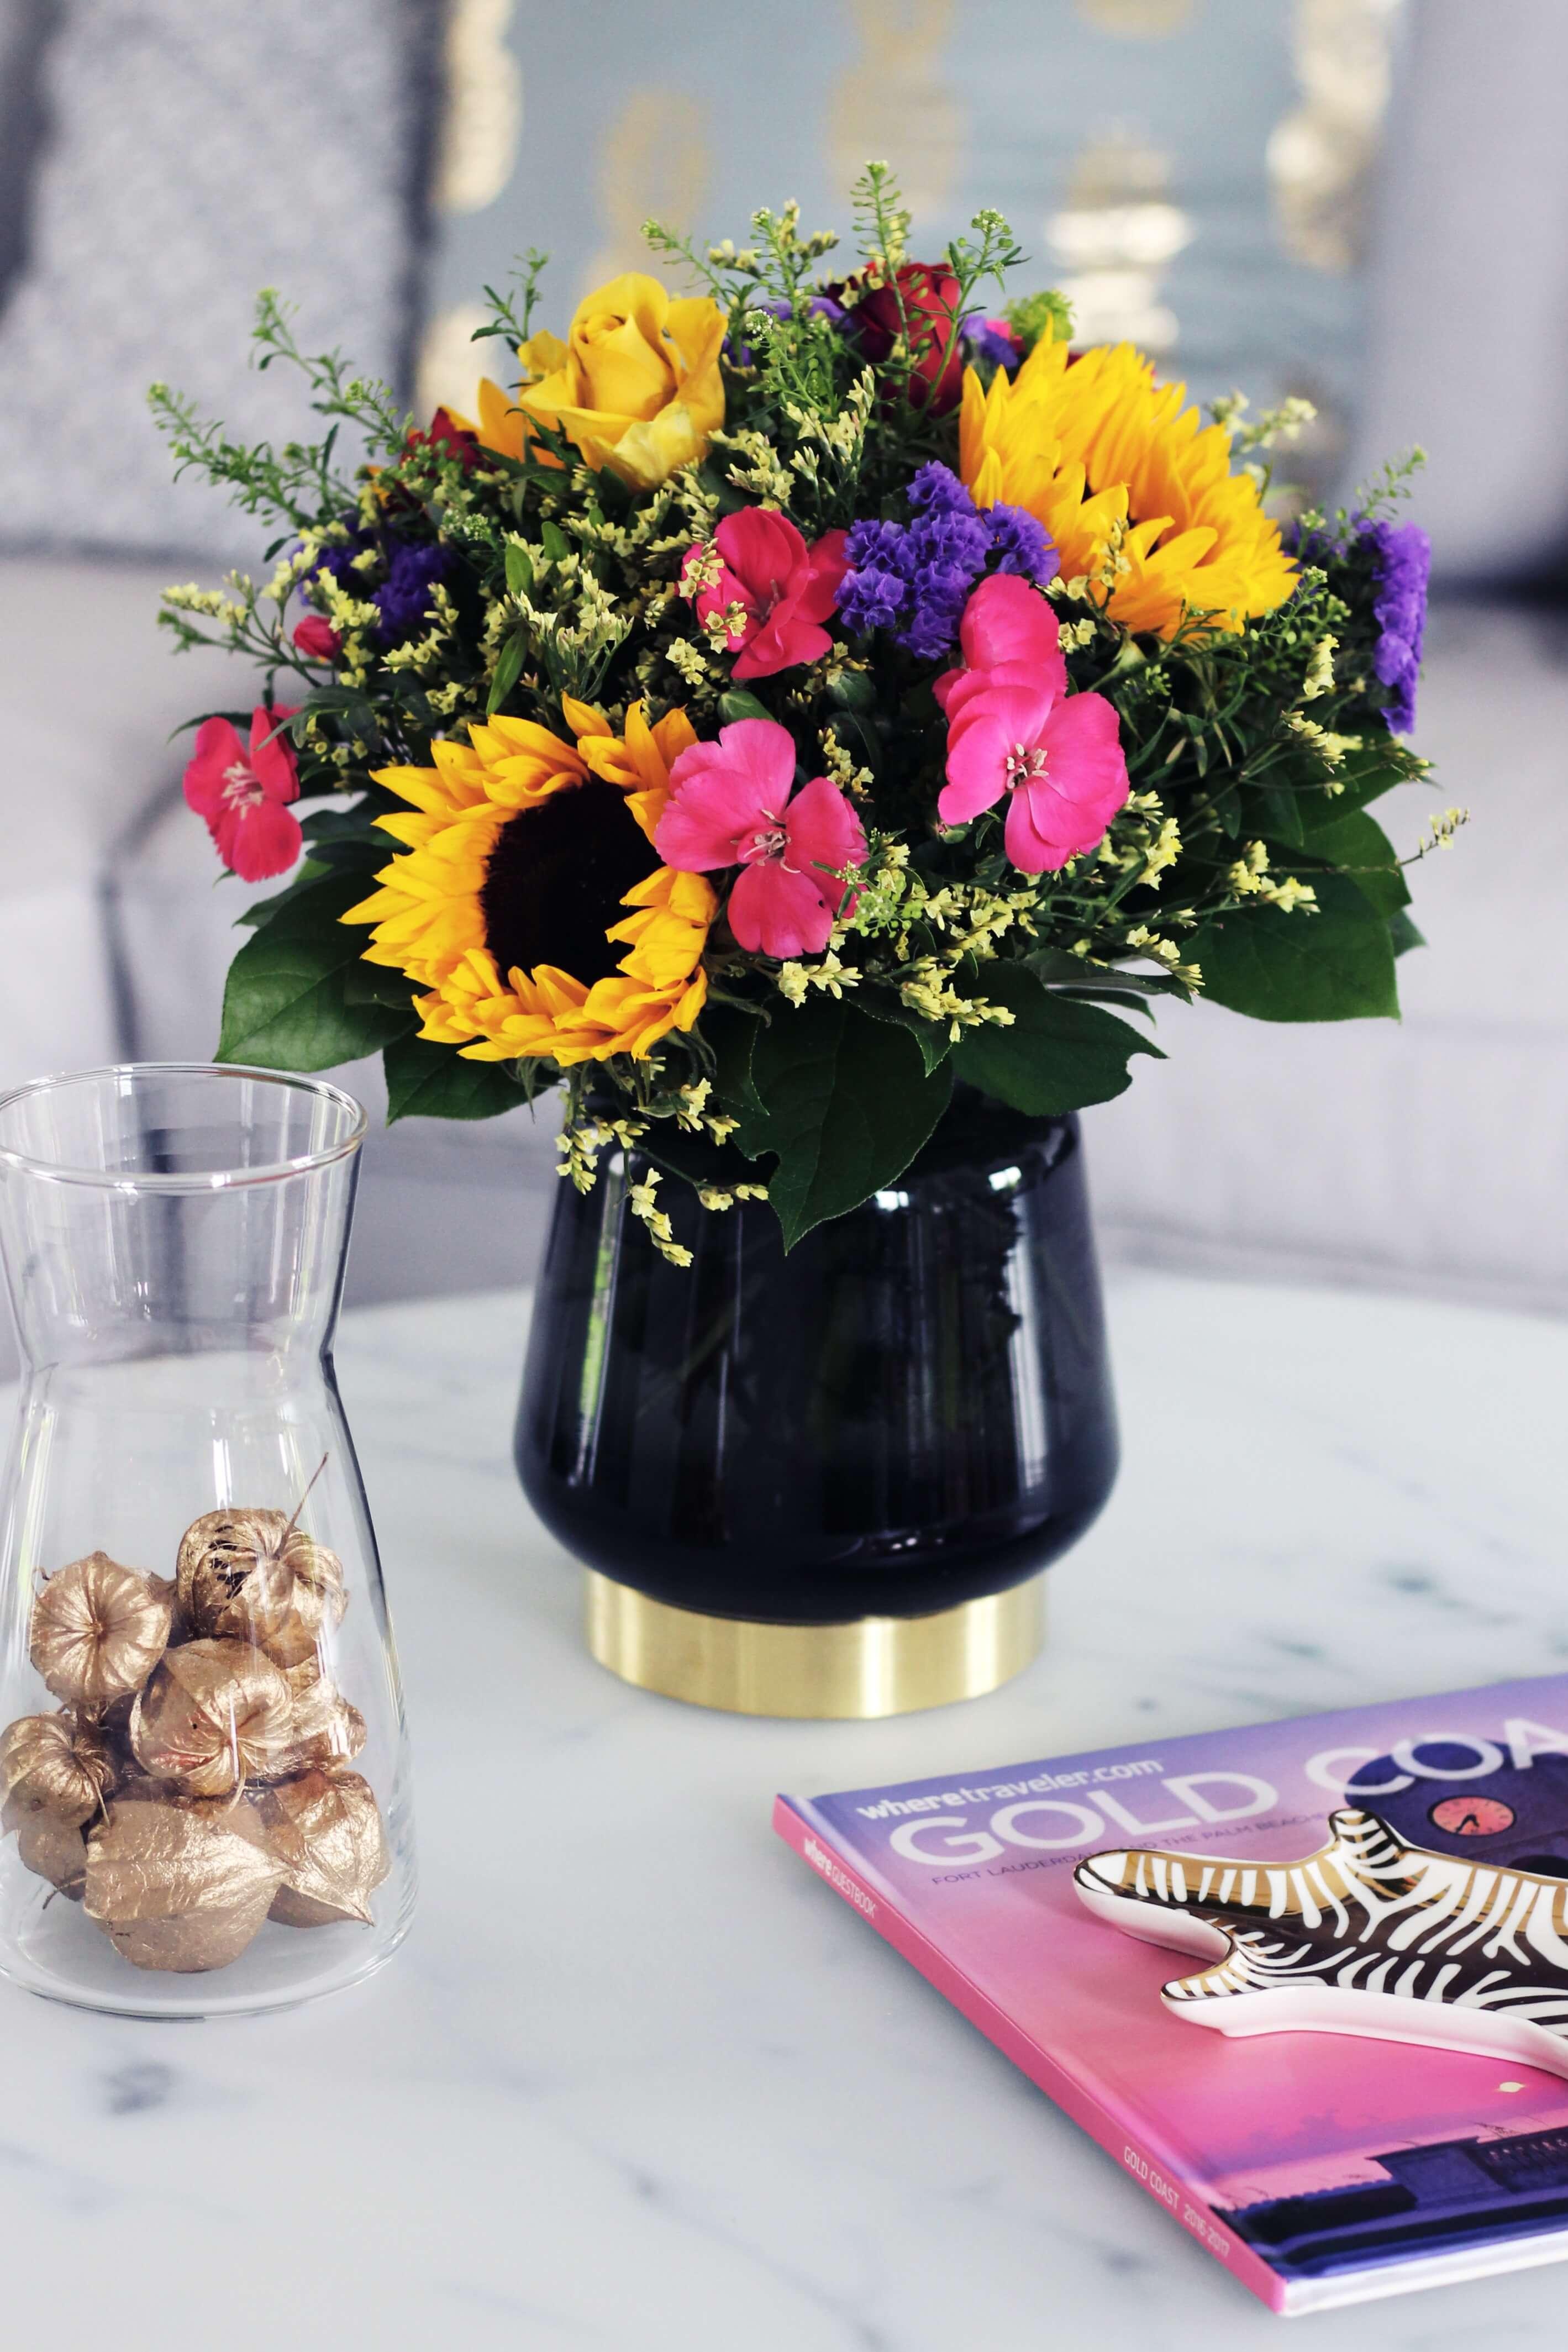 Blumen Gewinnspiel Blume2000.de tantedine